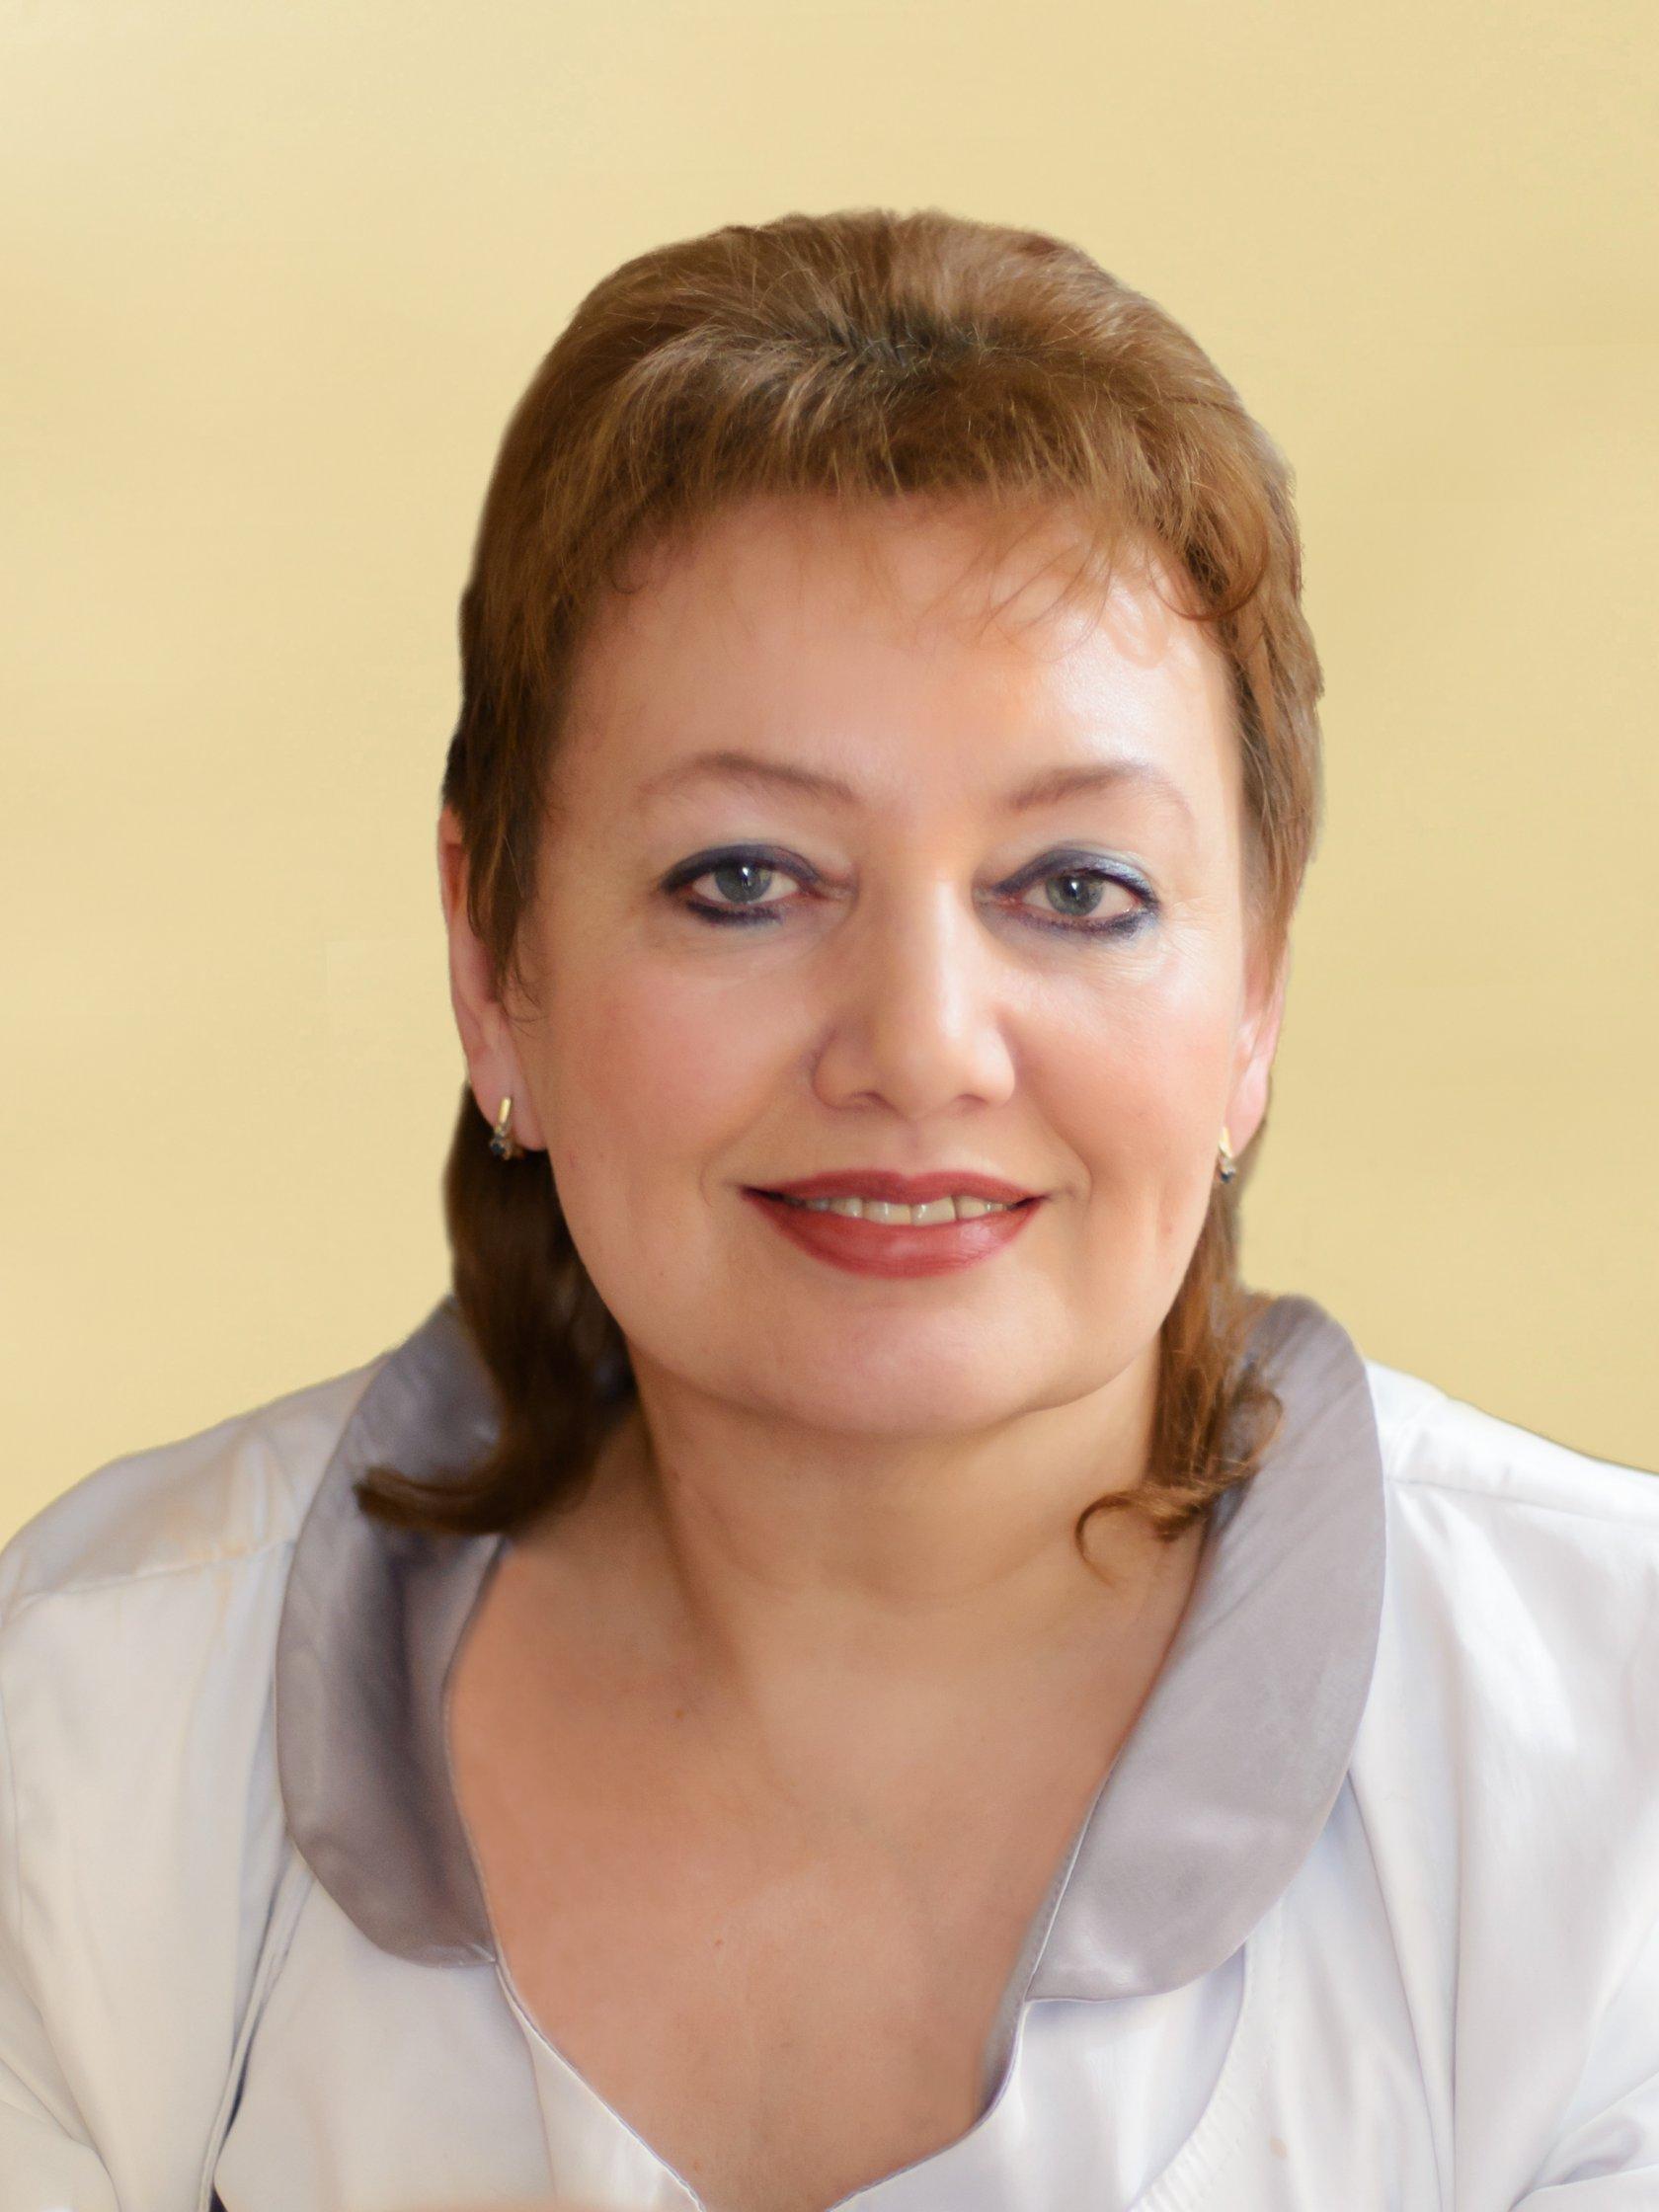 популярную компьютерную врач зильбер марина юрьевна станции: Поп Язык